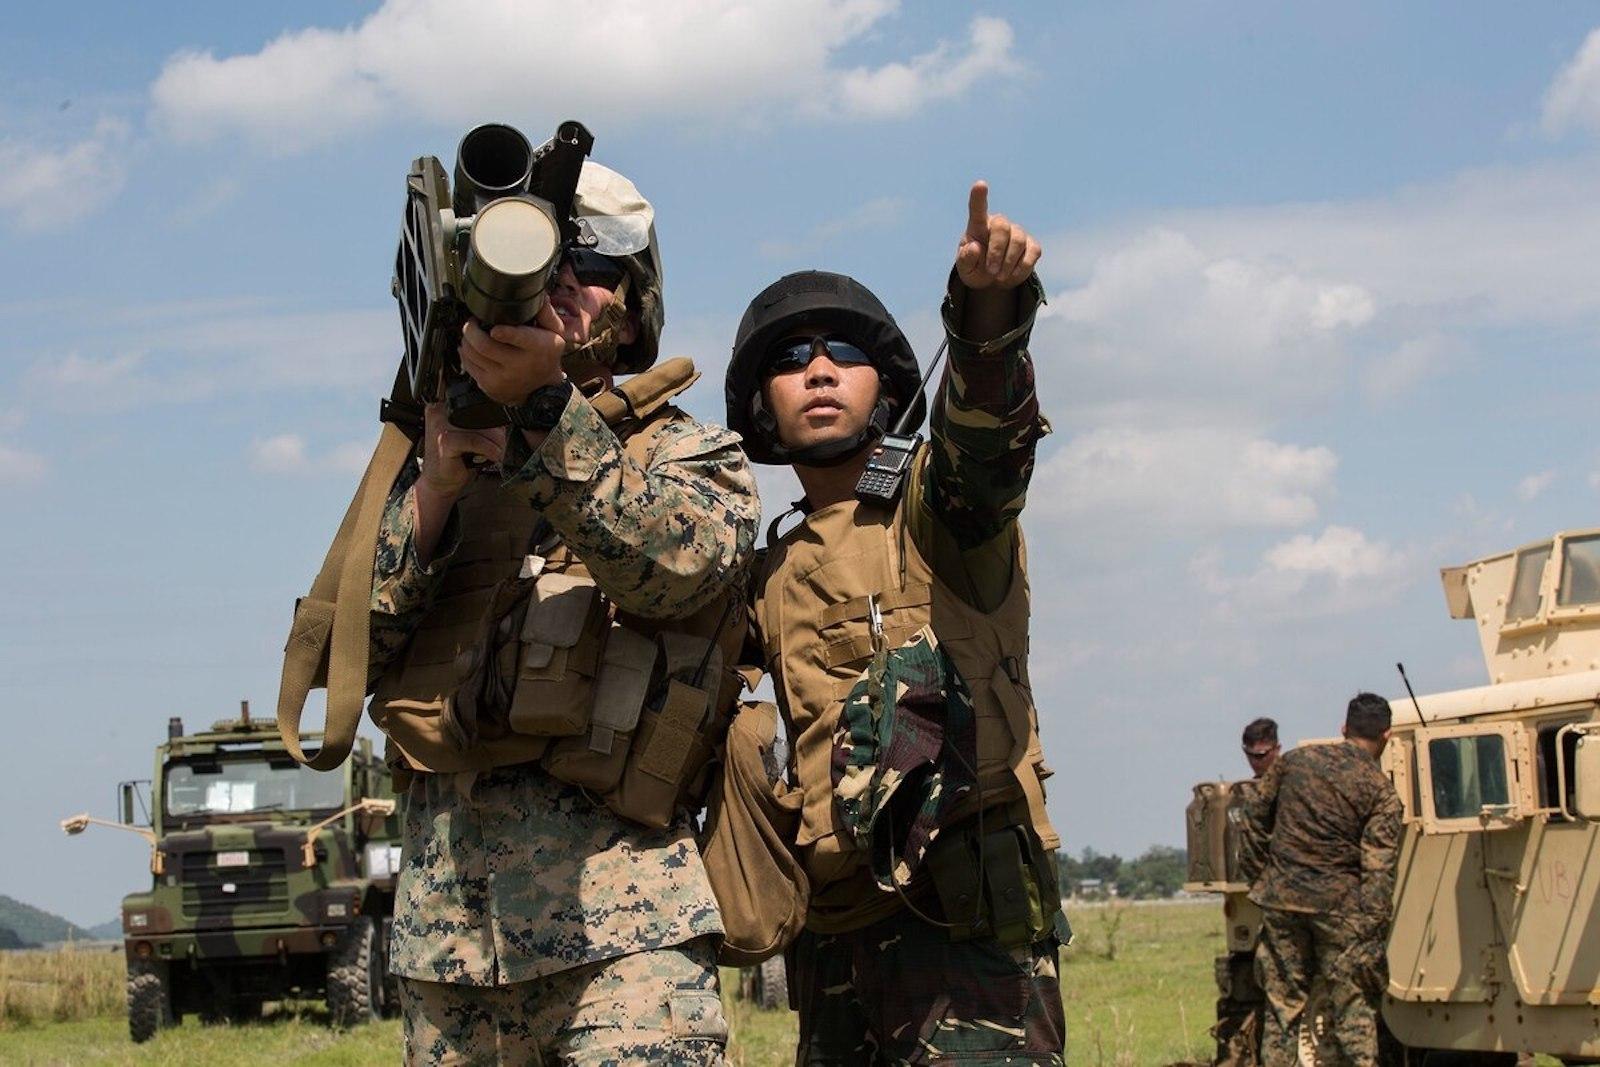 美国交付直升机,杜特尔特已不再强硬,菲律宾:暂停终止军事合作